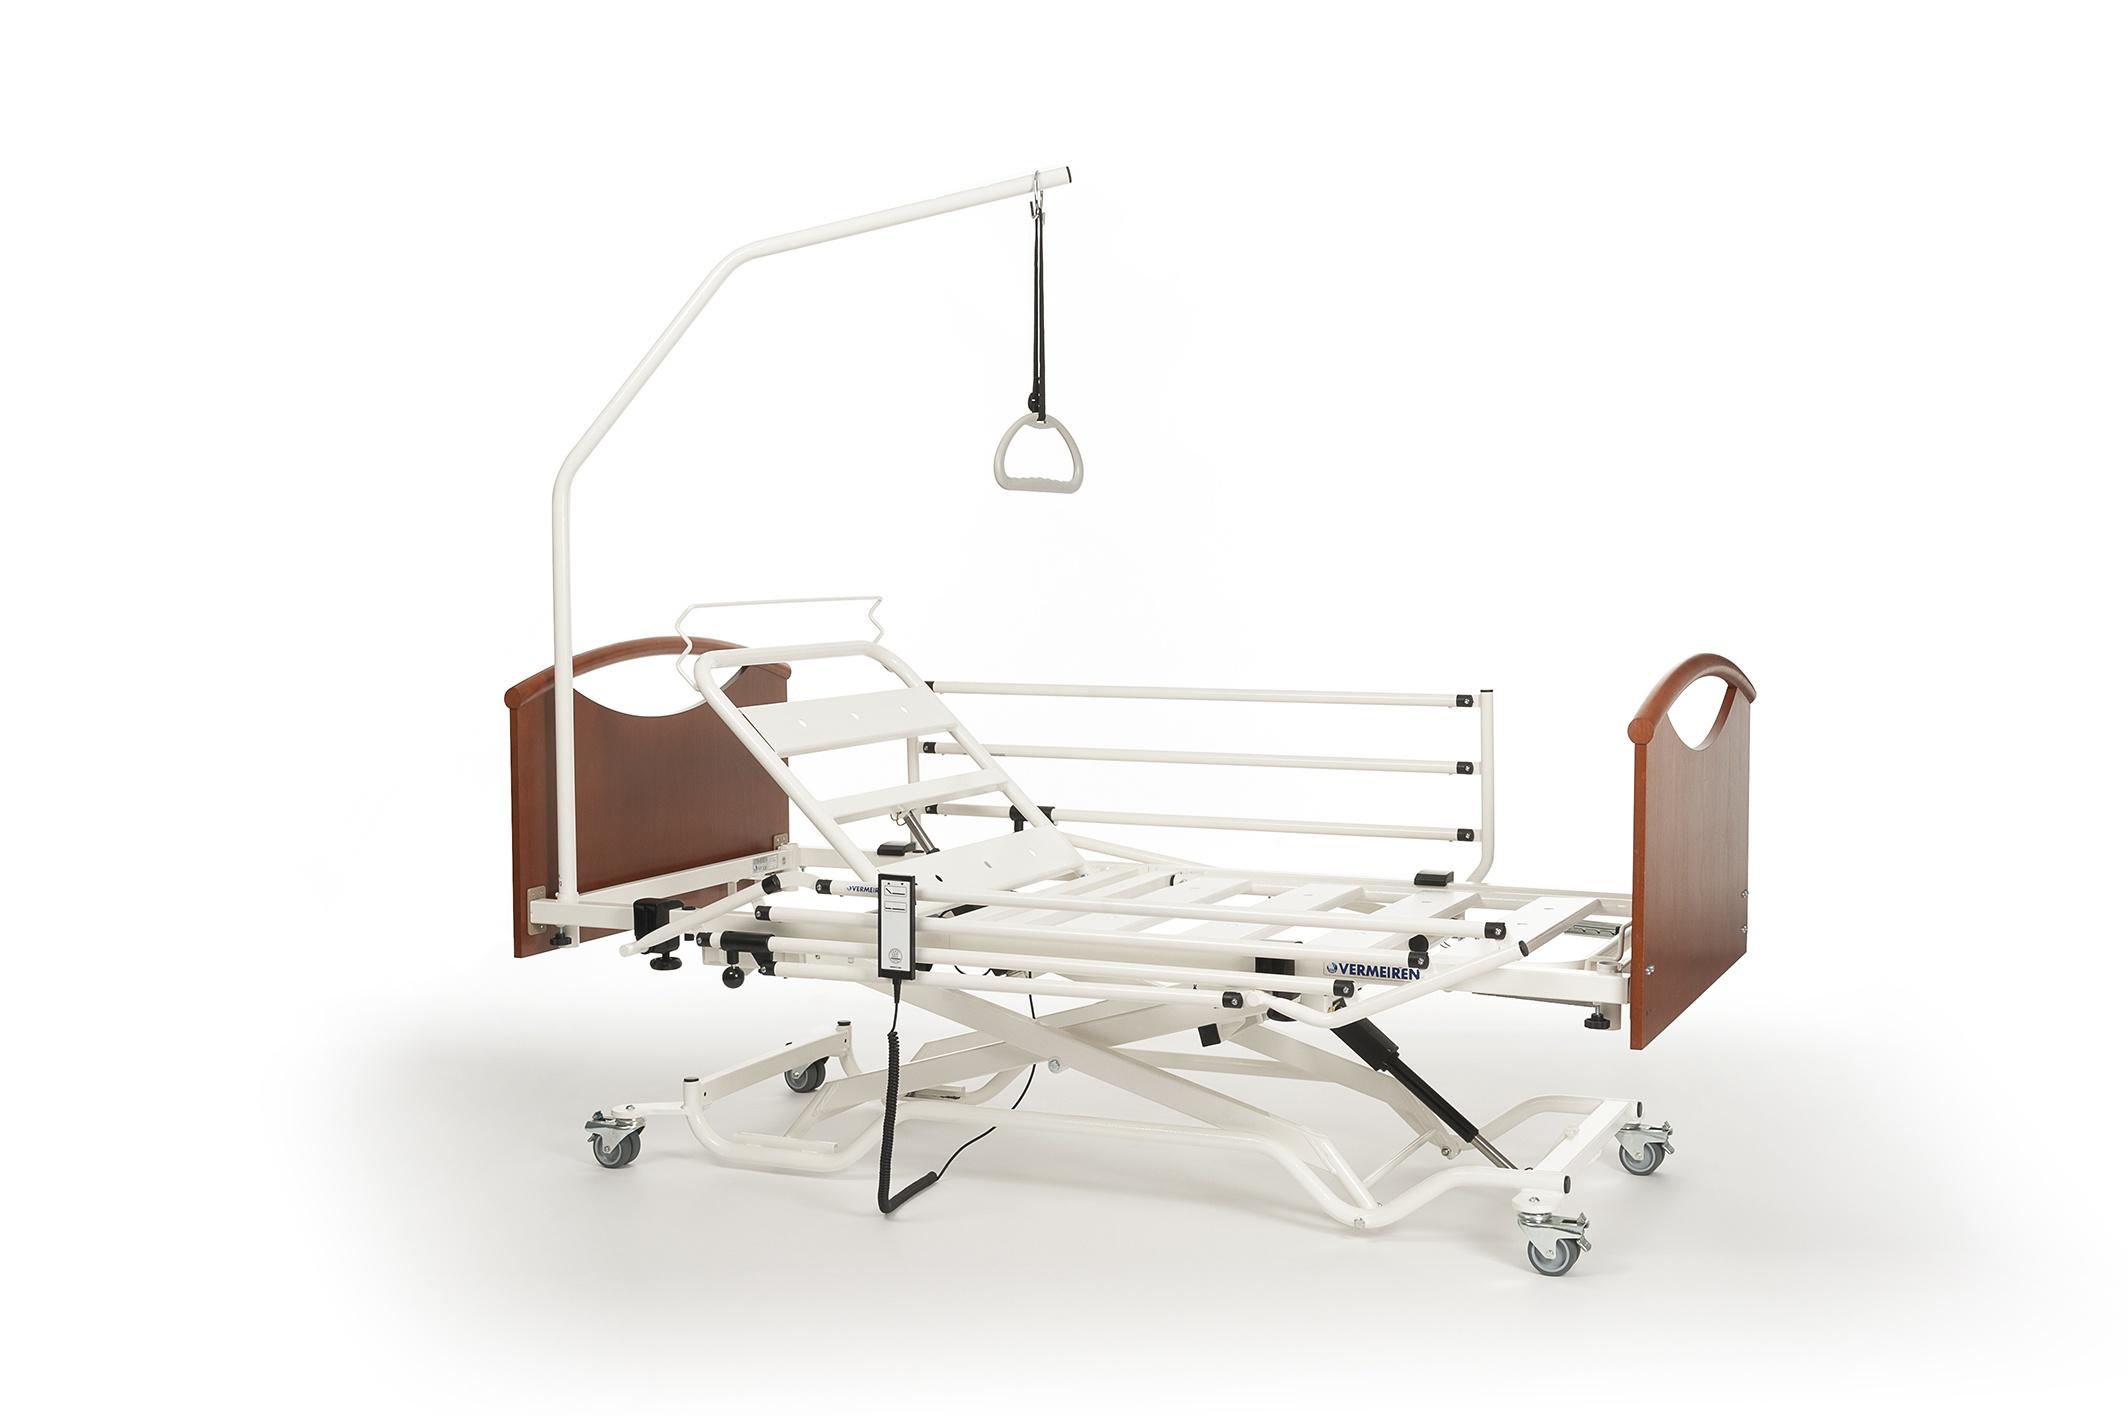 ALOIS Łóżko dla osób cierpiących na chorobę ALZHEIMERA i niskiego wzrostu